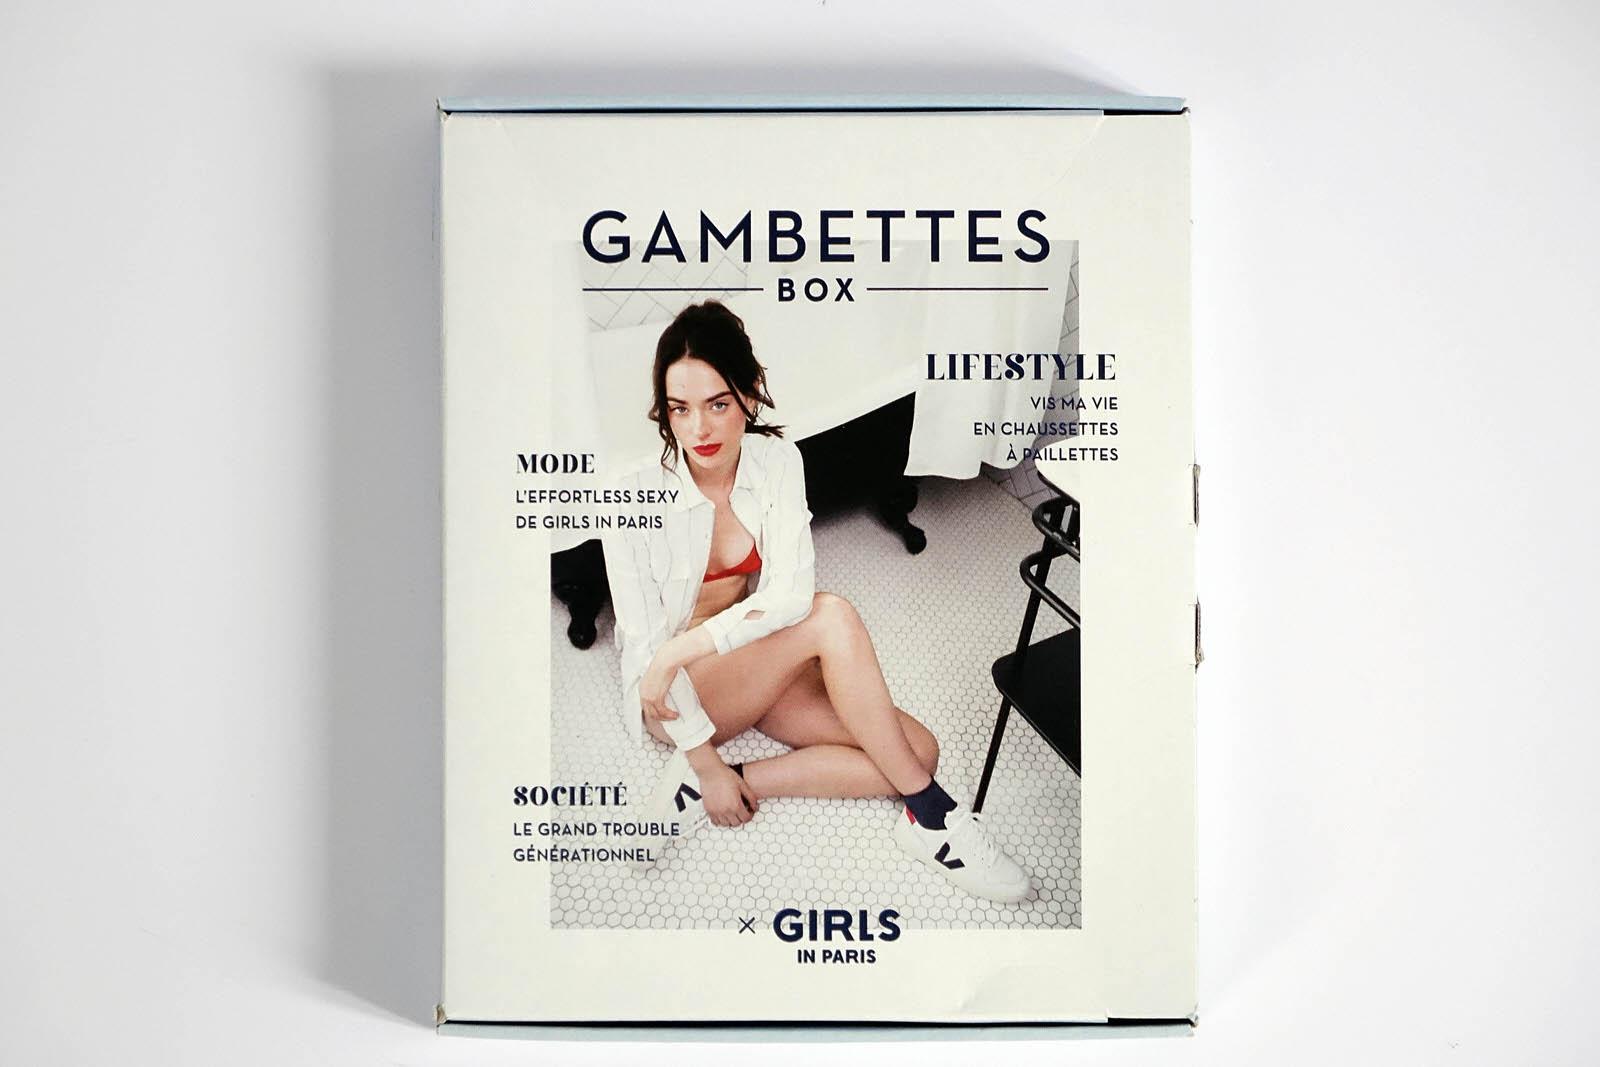 janis-en-sucre-gambettes-box-octobre-2016-01